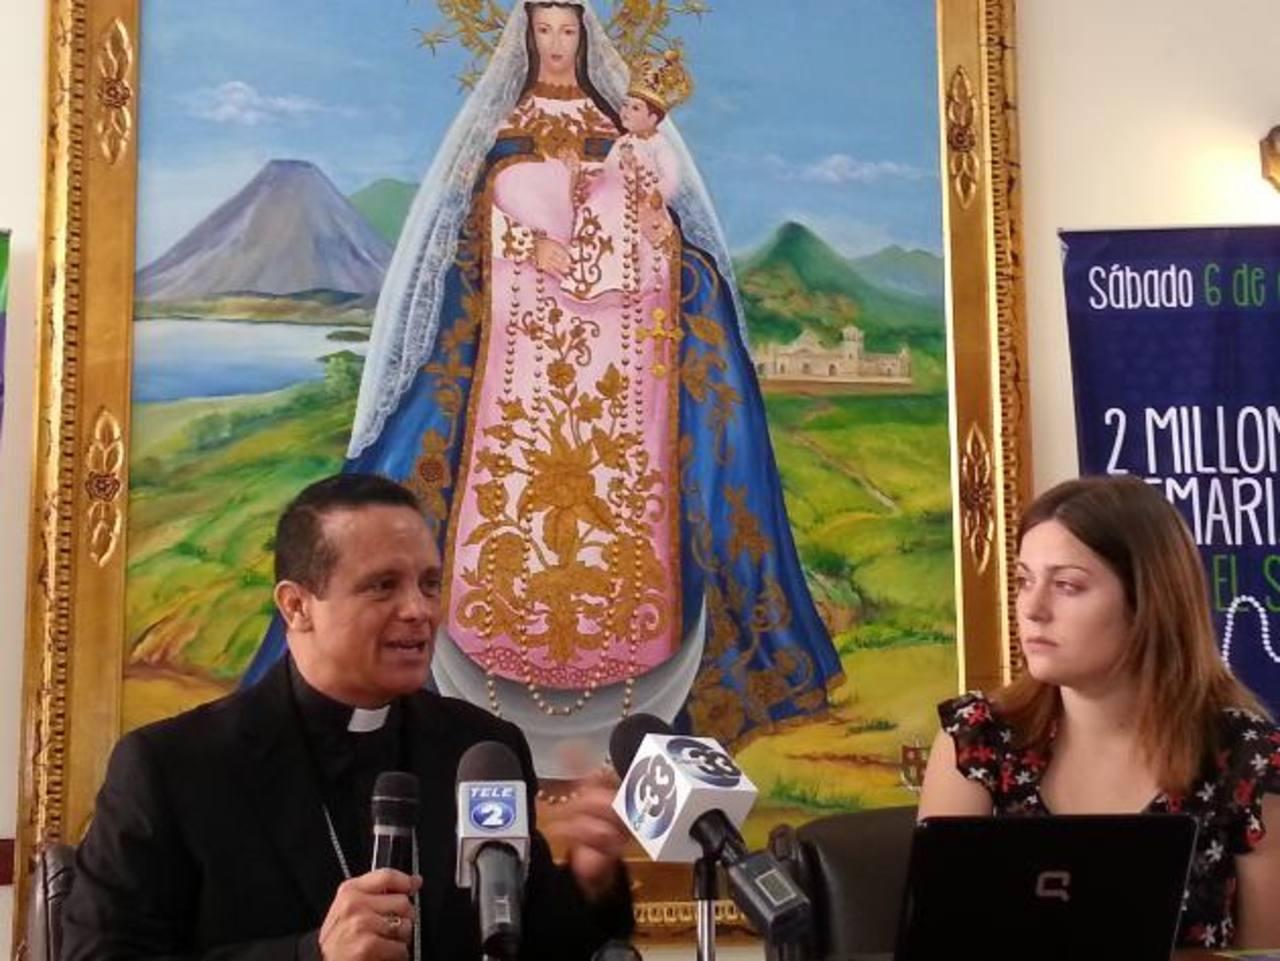 Monseñor Fabio Colindres y Elena Rueda invitaron a la población salvadoreña a asistir a la actividad. Foto edh / Cortesía